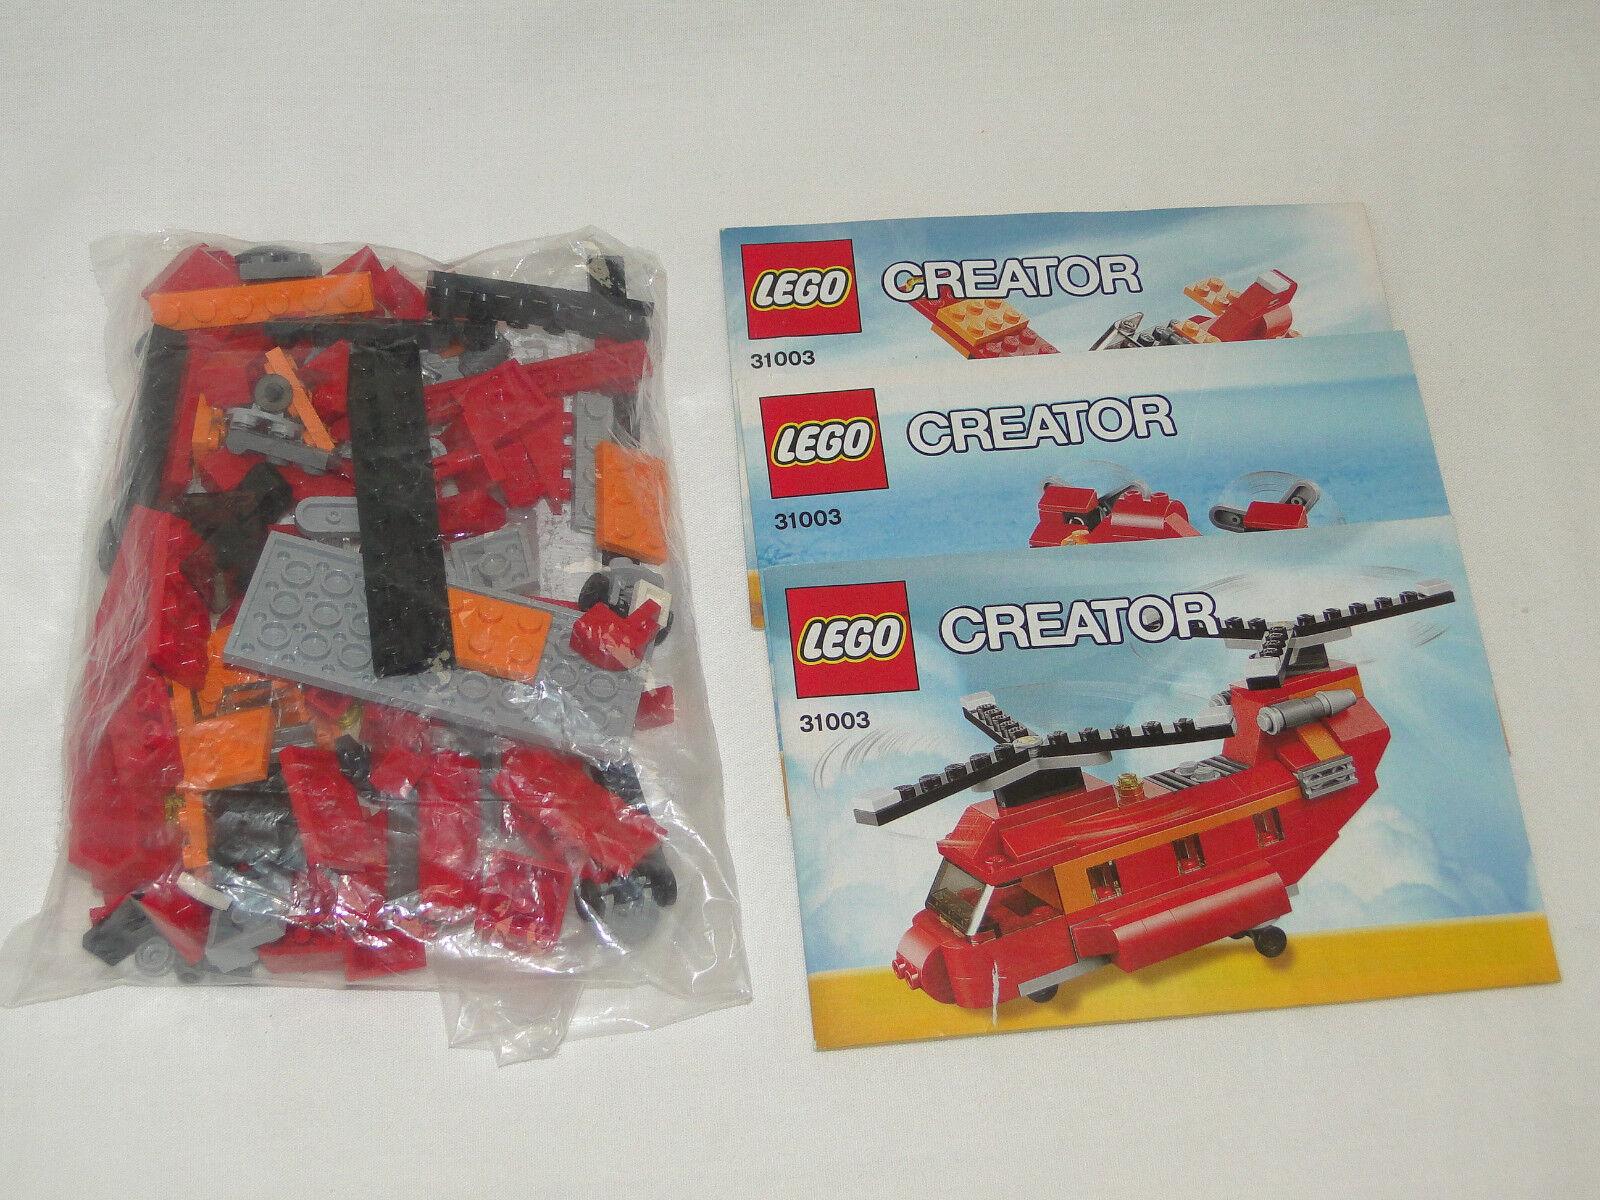 Lego Creator Creator Creator 31003 helicópteros 3-in-1 completo con Oba 9ad5f5